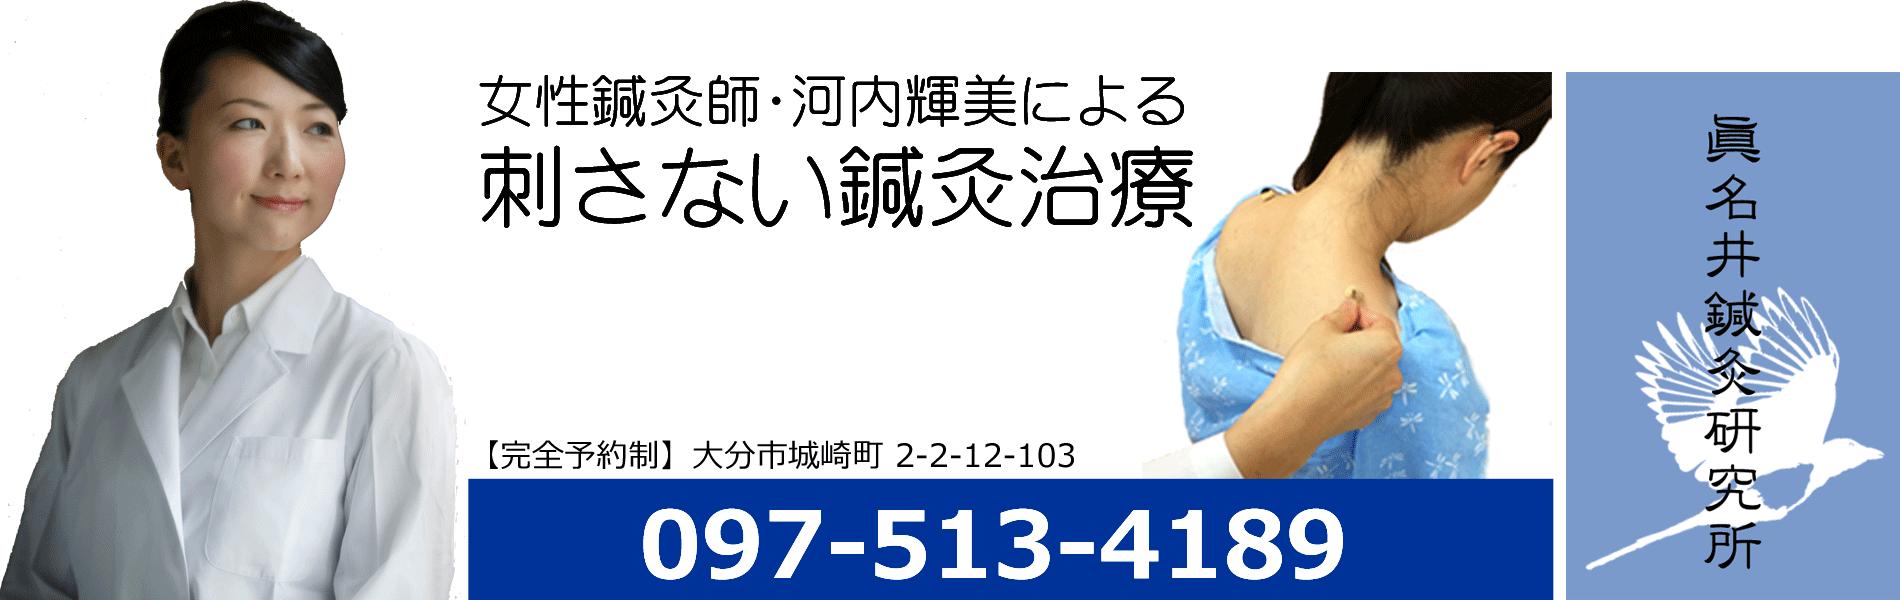 刺さない鍼灸院 眞名井鍼灸研究所